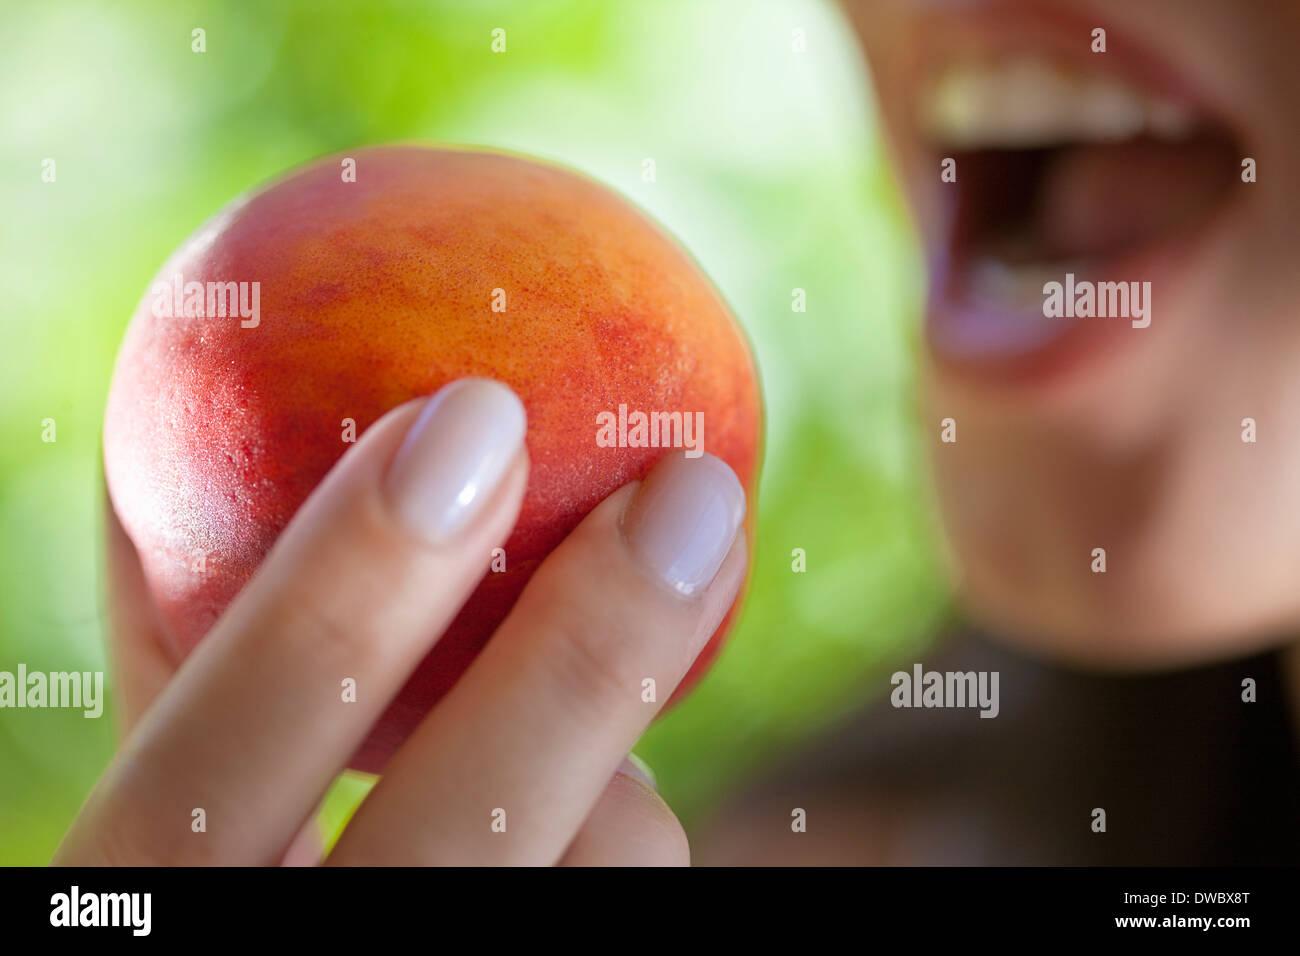 Donna che mantiene peach a bocca Immagini Stock